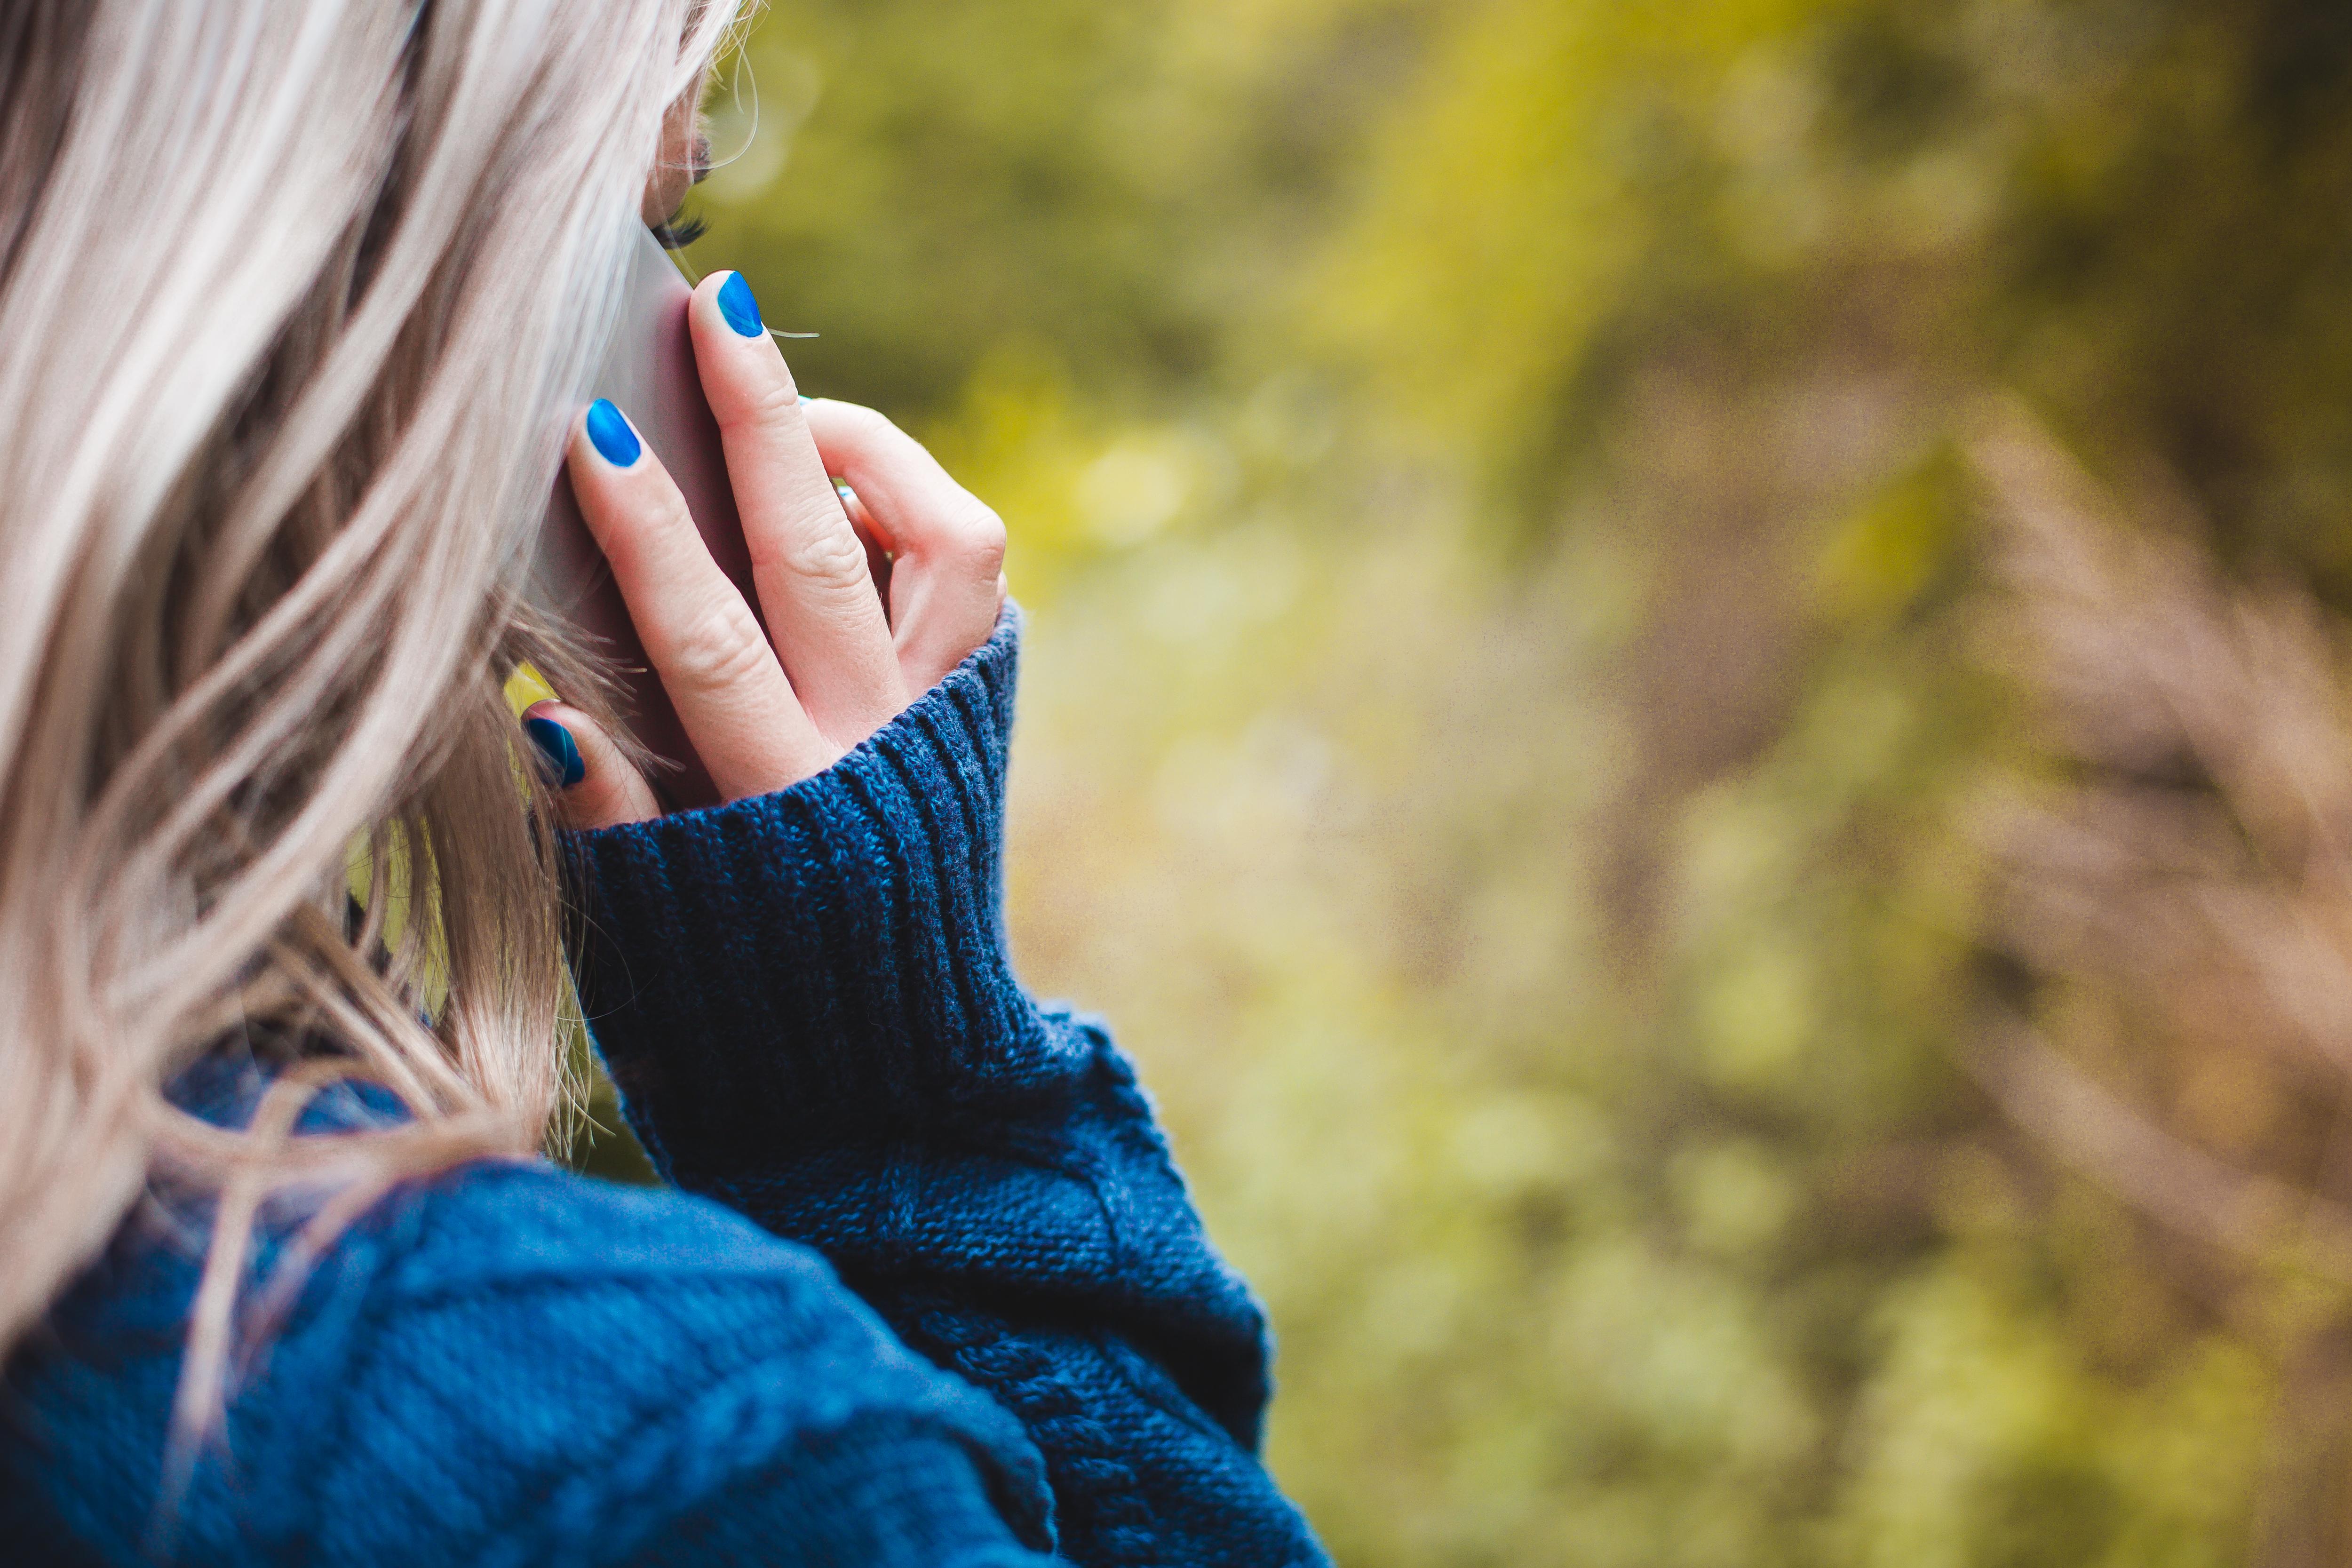 Girl on phone call